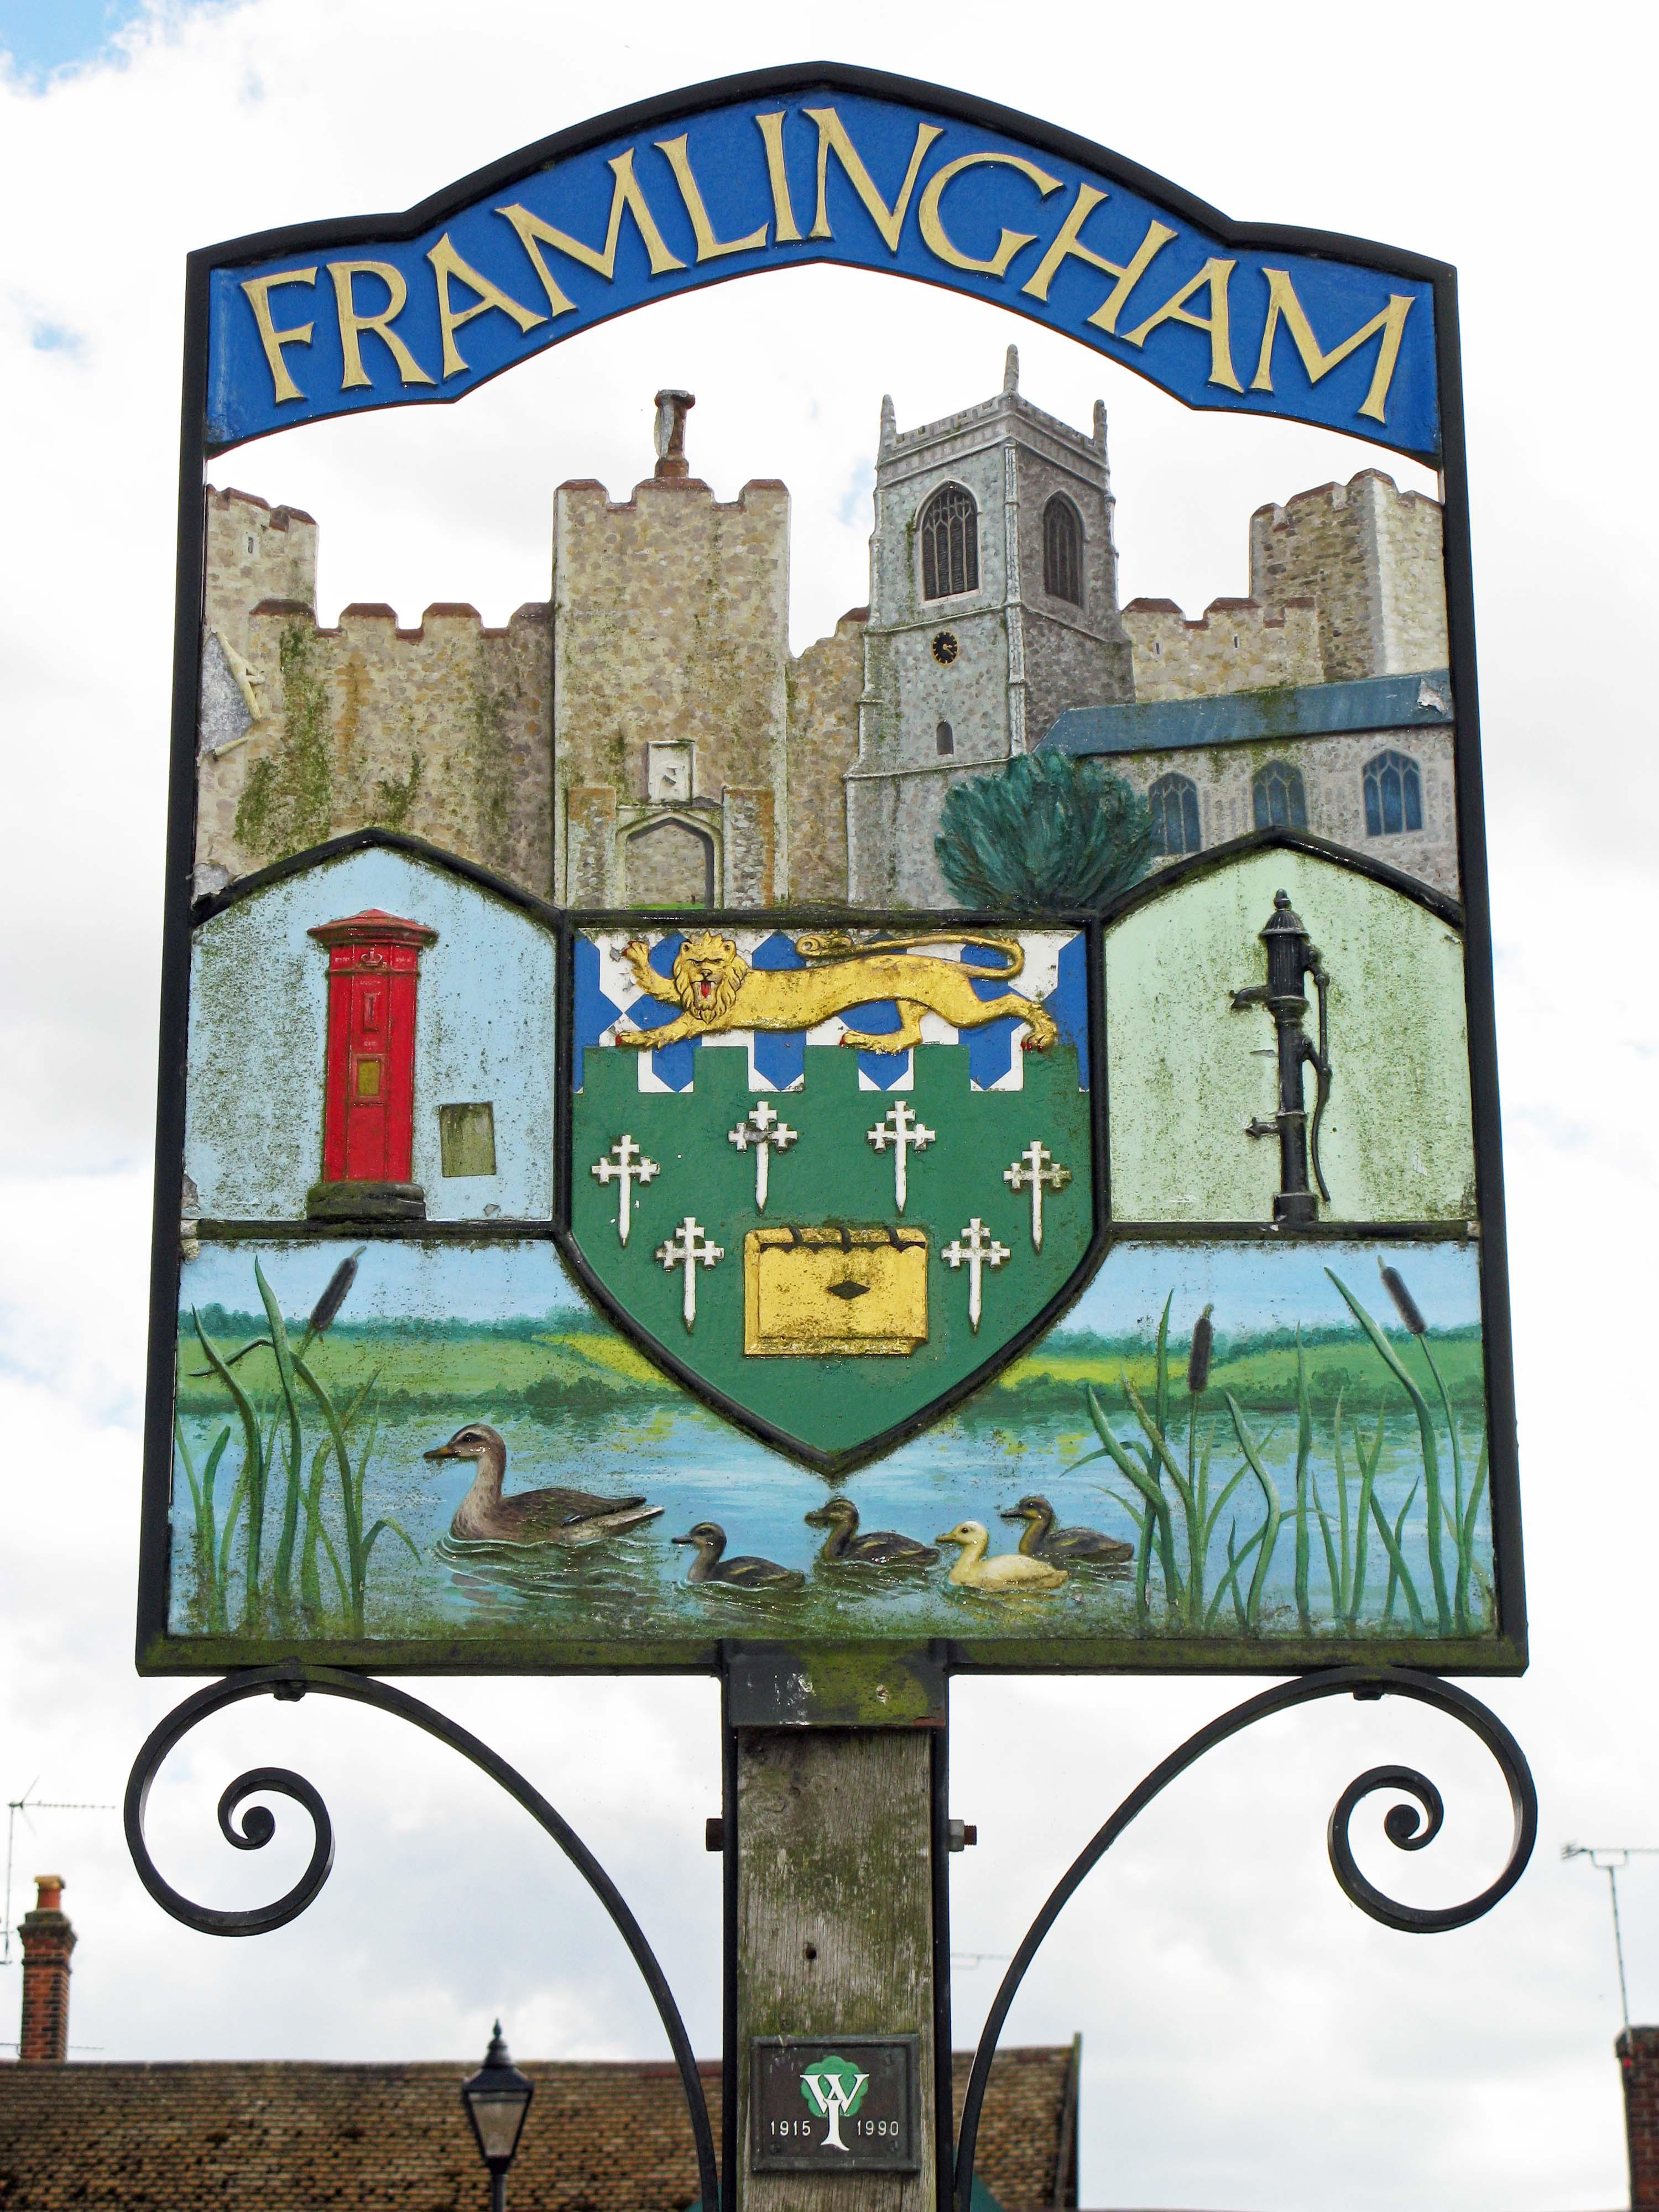 Framlingham village sign